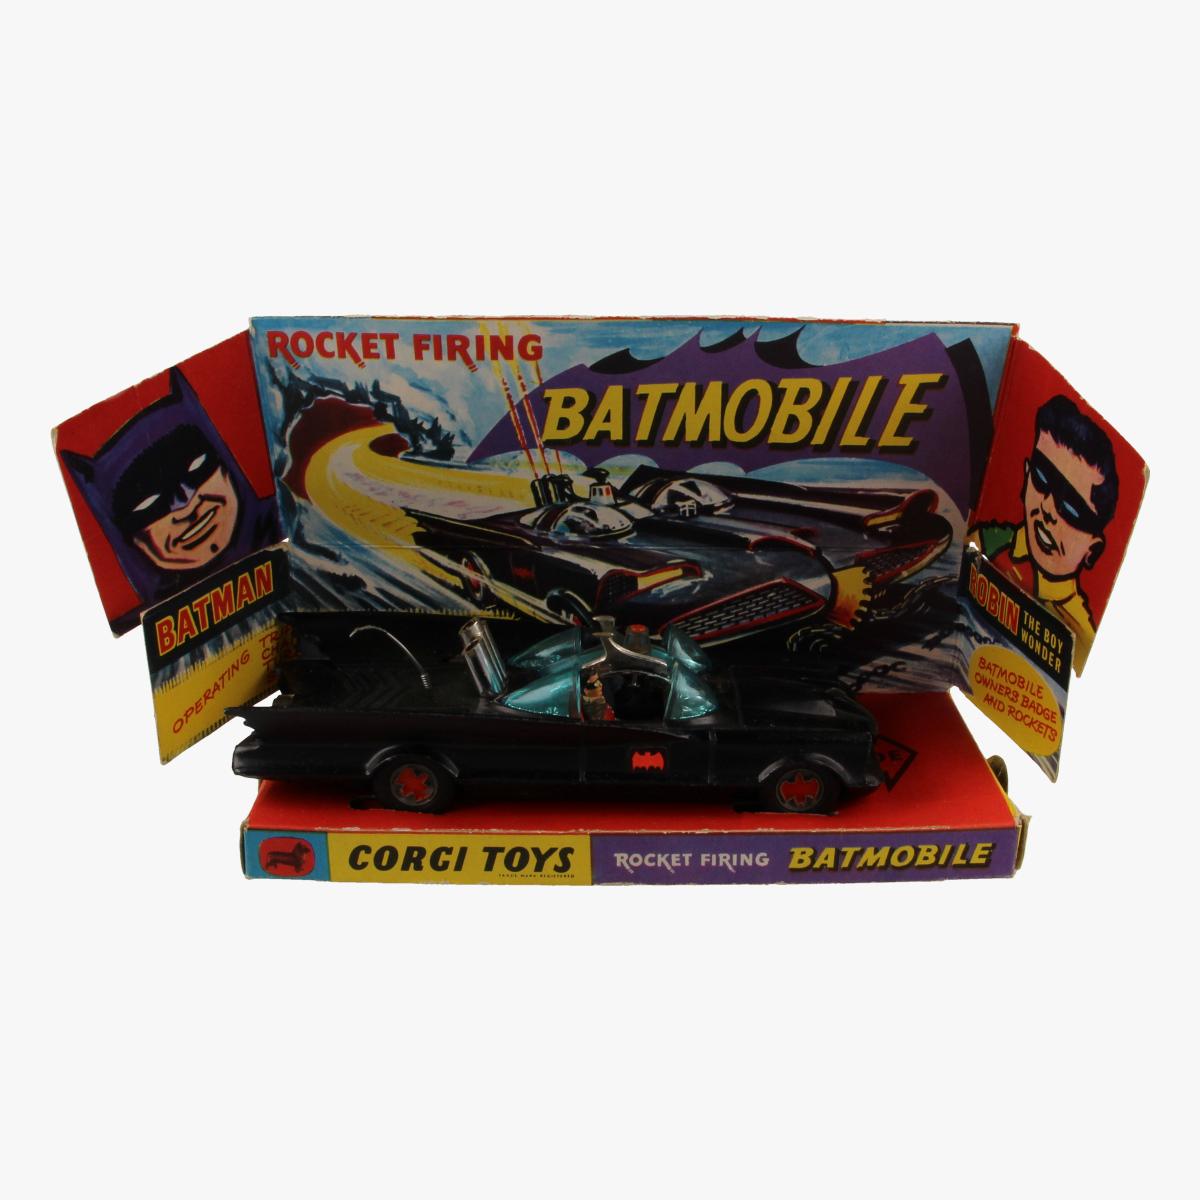 Afbeeldingen van Corgi Toys. Batmobile Nr. 267 eerste uitvoering,matte uitvoering